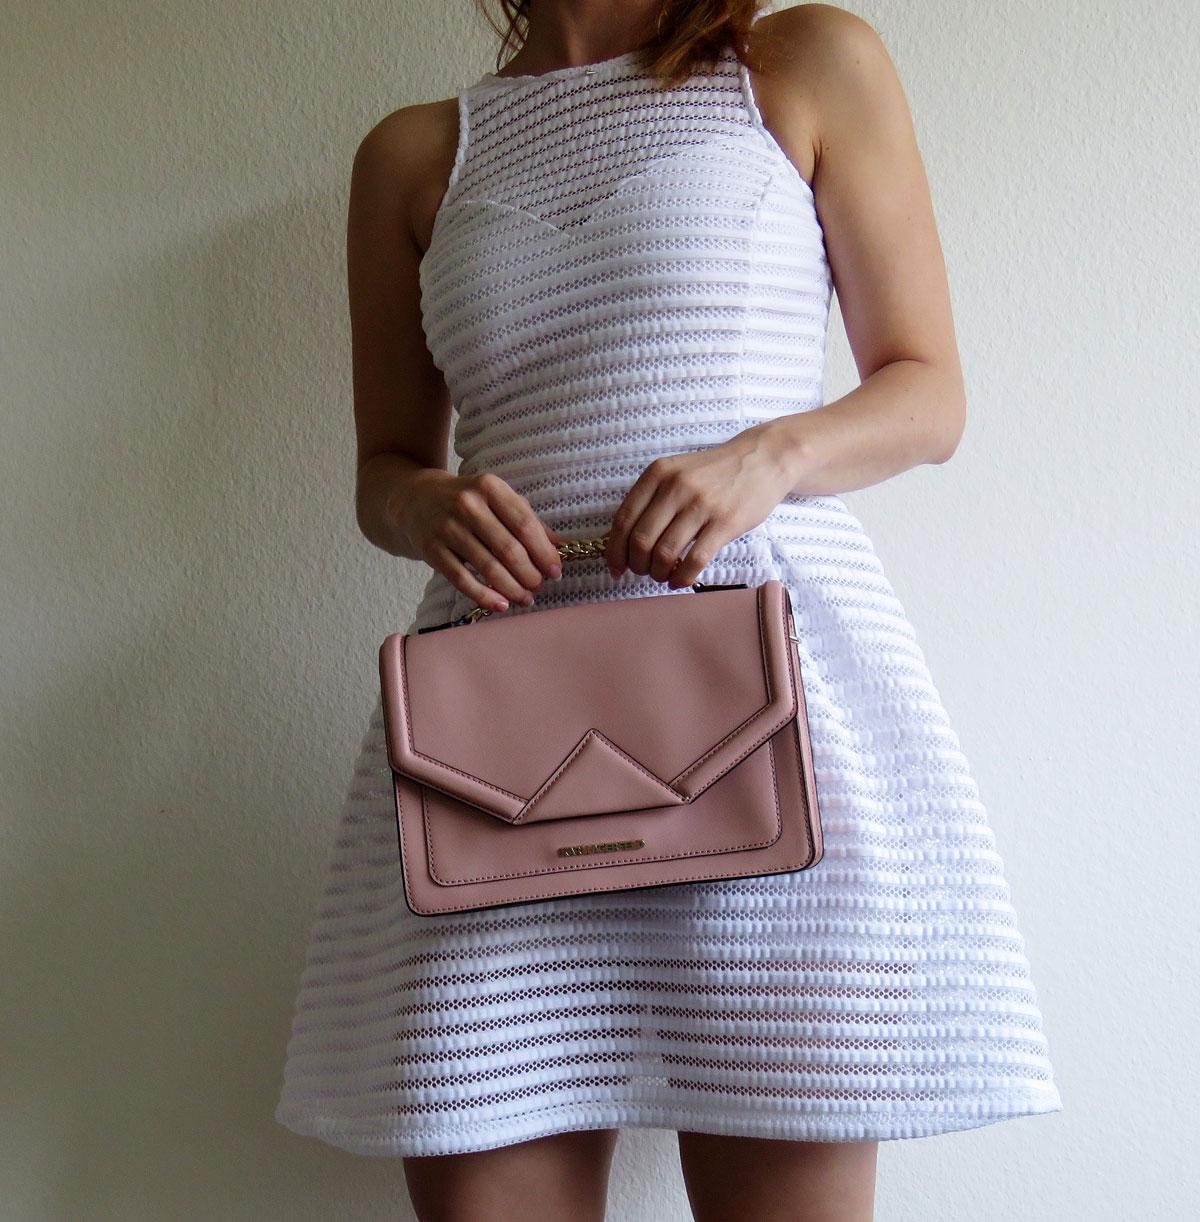 weisses Kleid von Guess-Wedges von Guess- Klassik rosa von Karl Lagerweisses Kleid von Guess-Wedges von Guess- Klassik rosa von Karl Lagerfeld